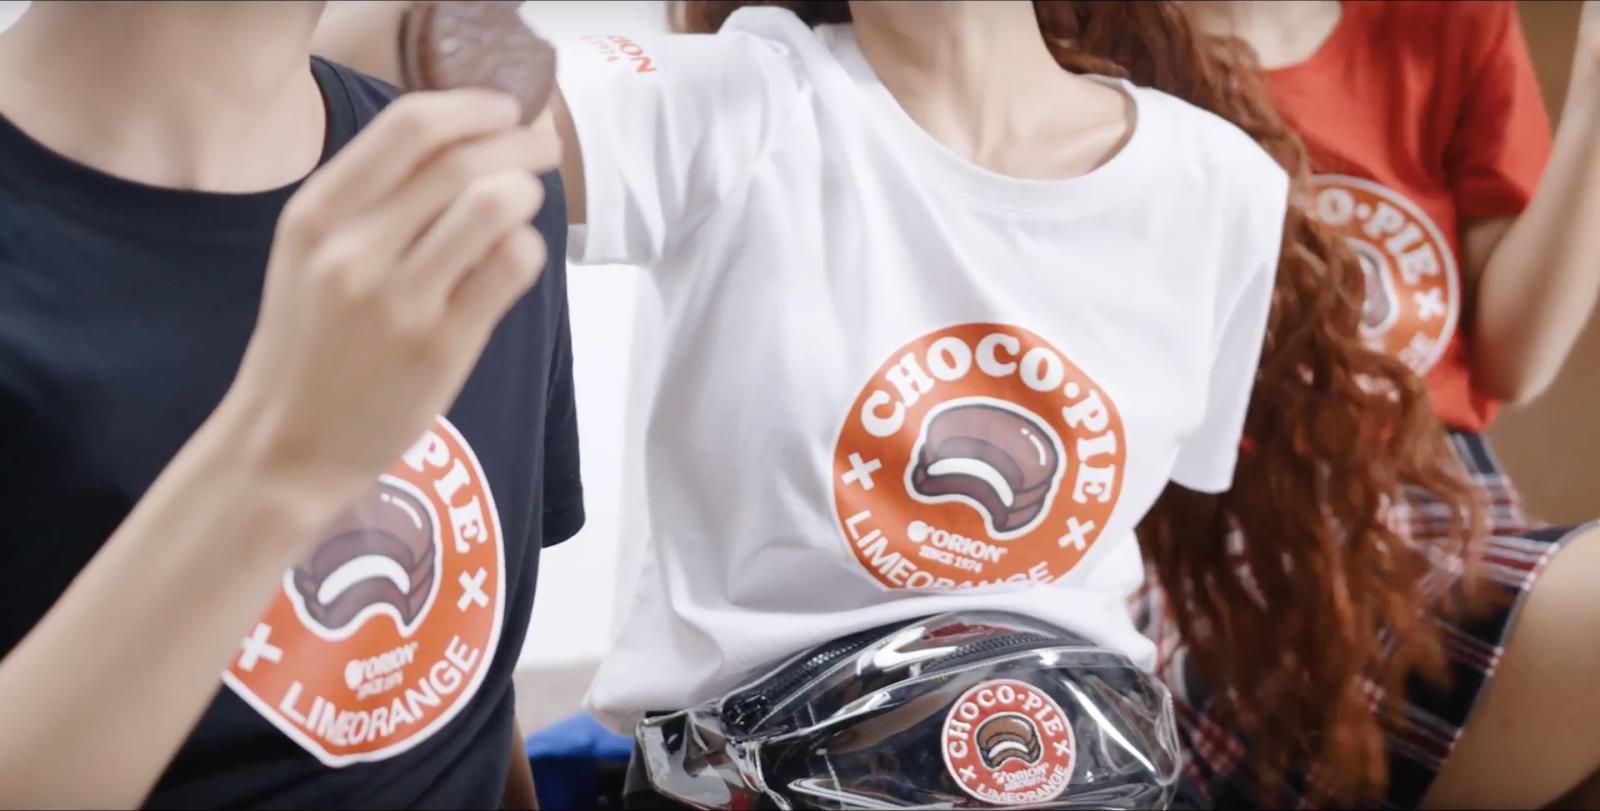 Bích Phương lại tiếp tục cùng hãng bánh tuổi thơ gây sốt với videography thời trang đốn tim fan - Ảnh 6.